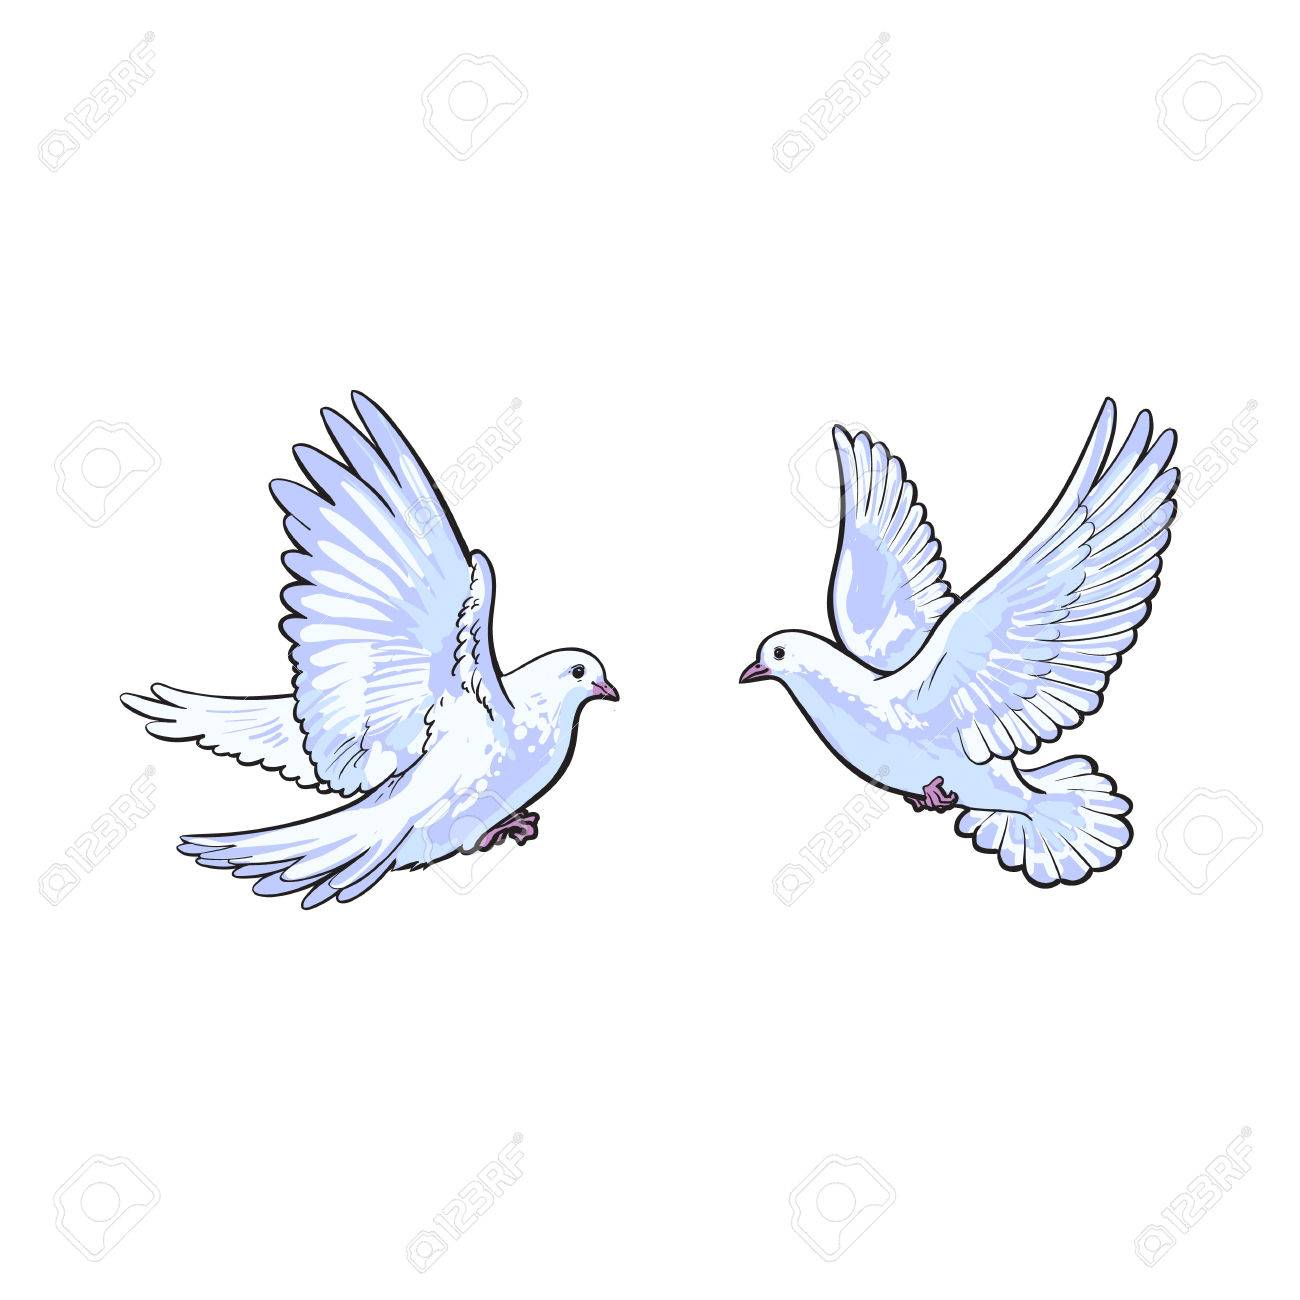 Dos Palomas Blancas Volando Libres Ilustración Vectorial Boceto